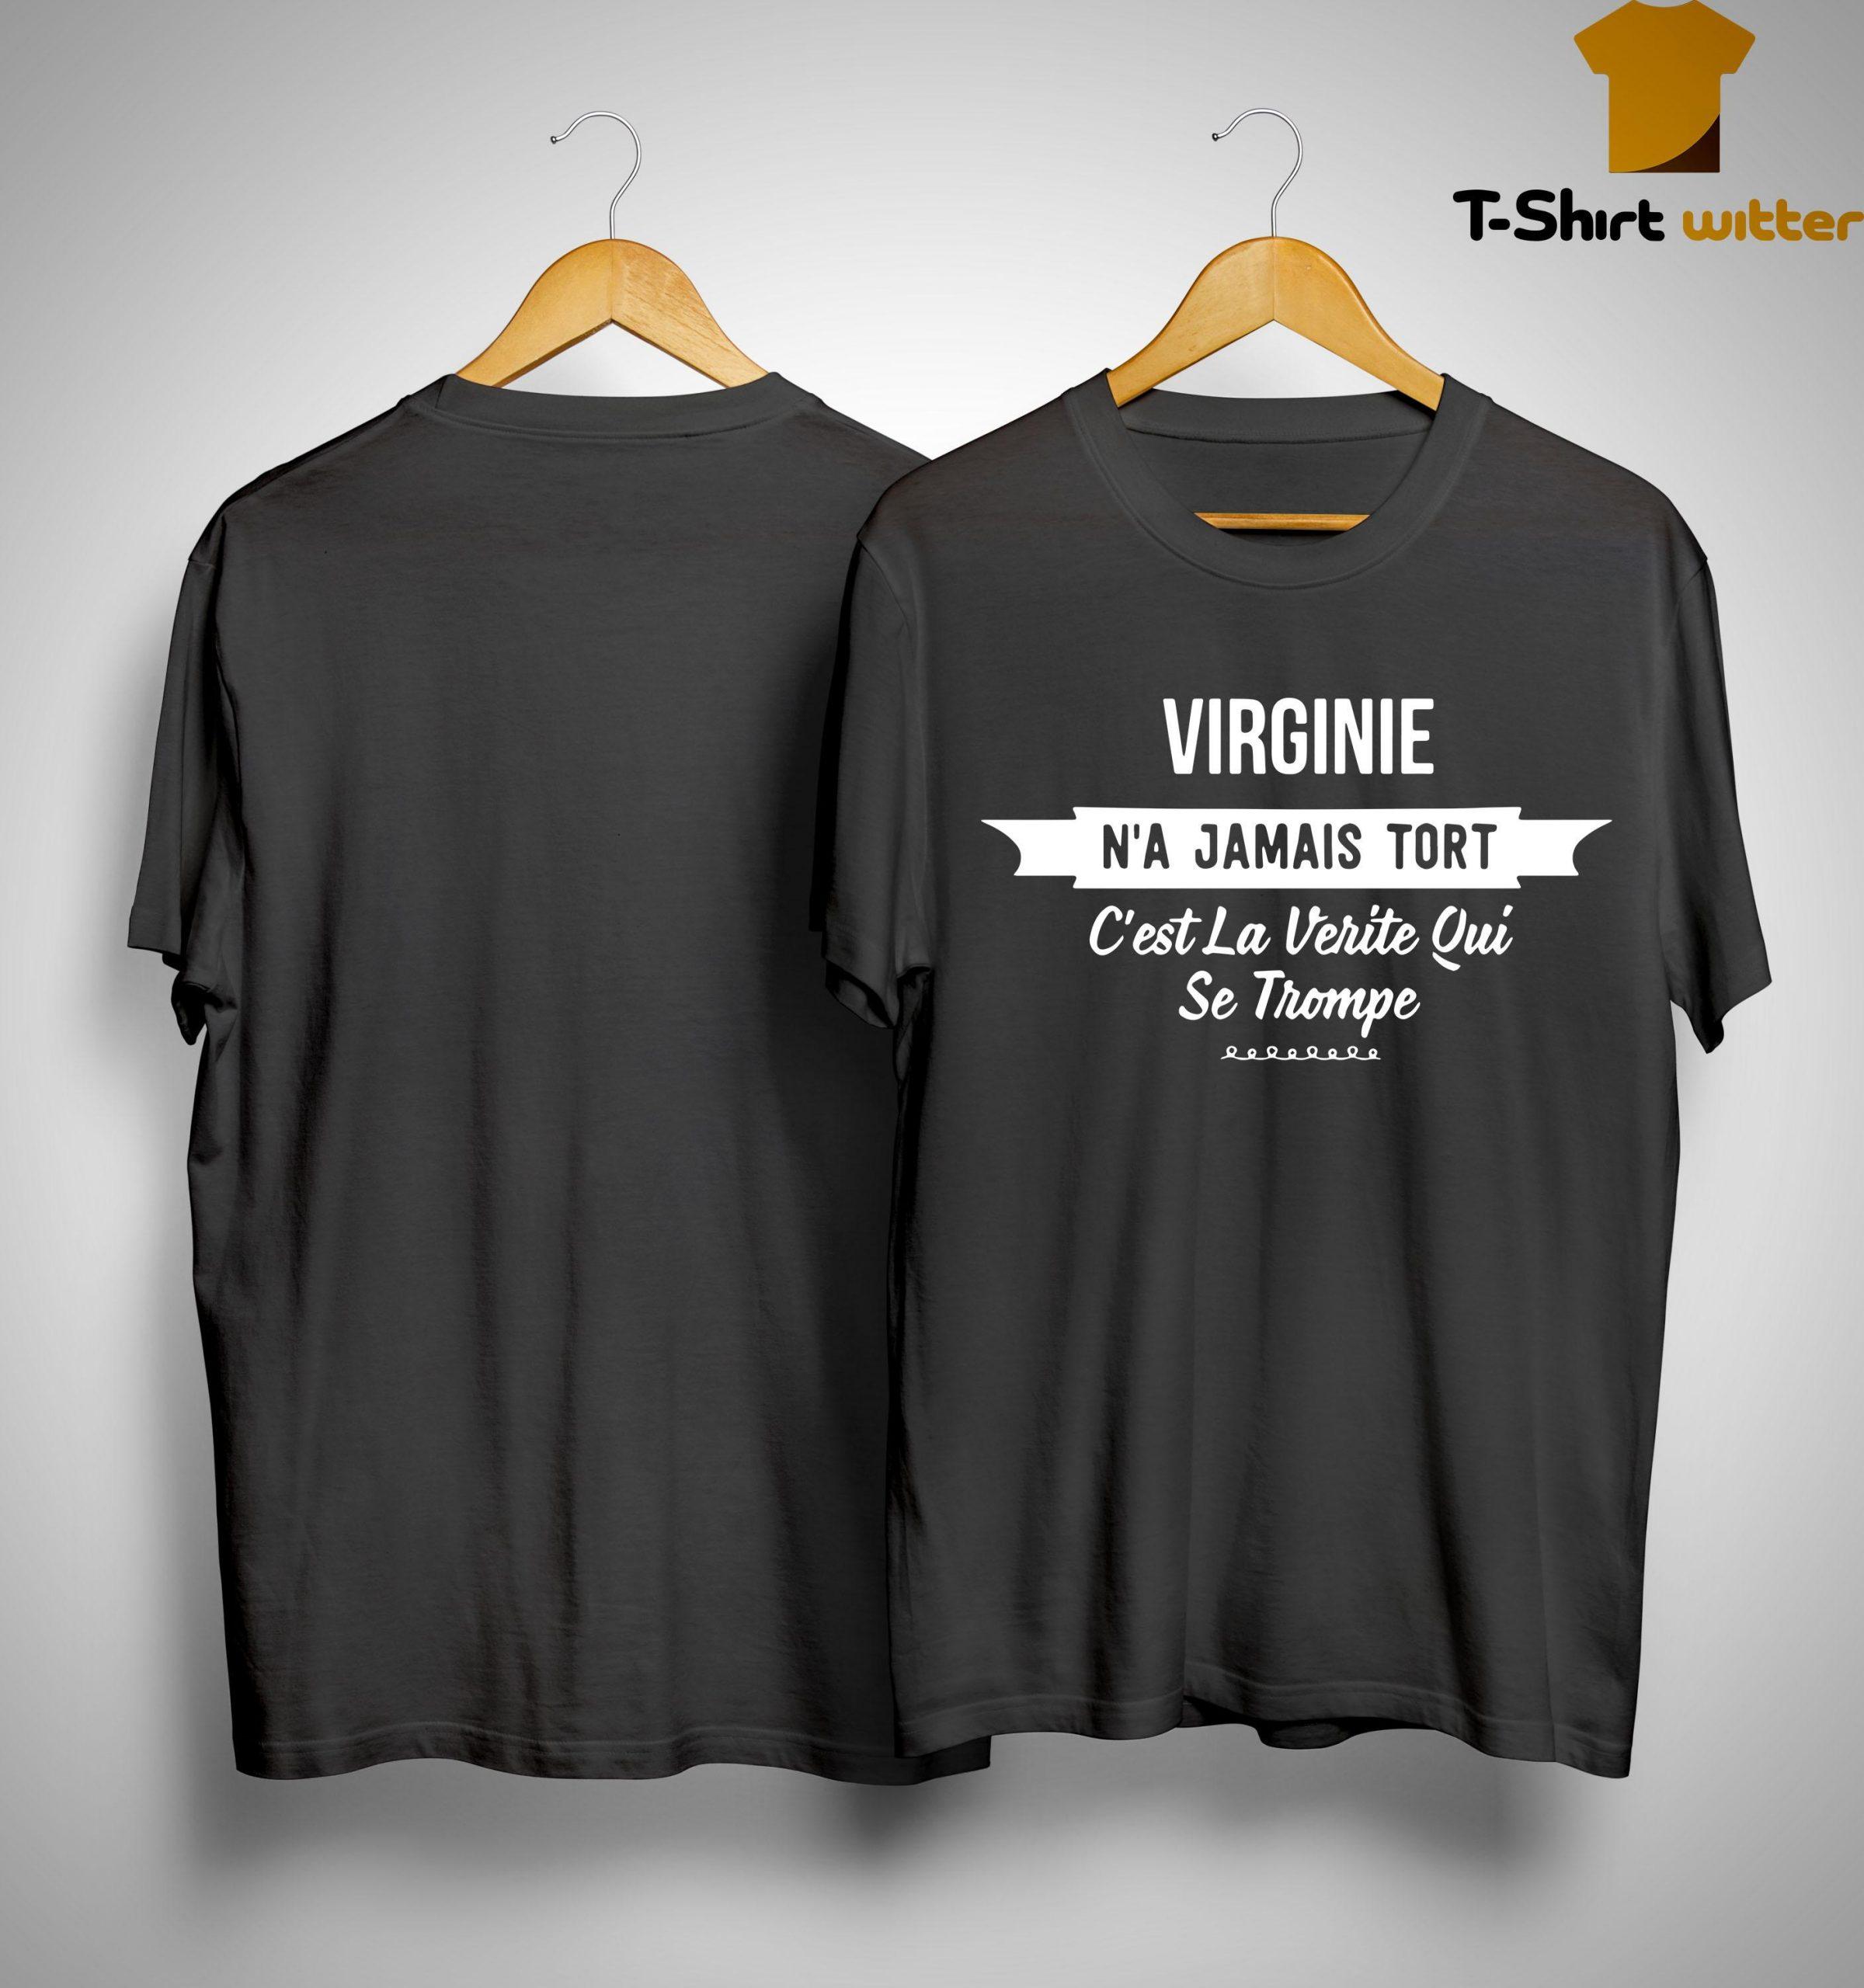 Virginie N'a Jamais Tort C'est La Verite Qui Se Trompe Shirt